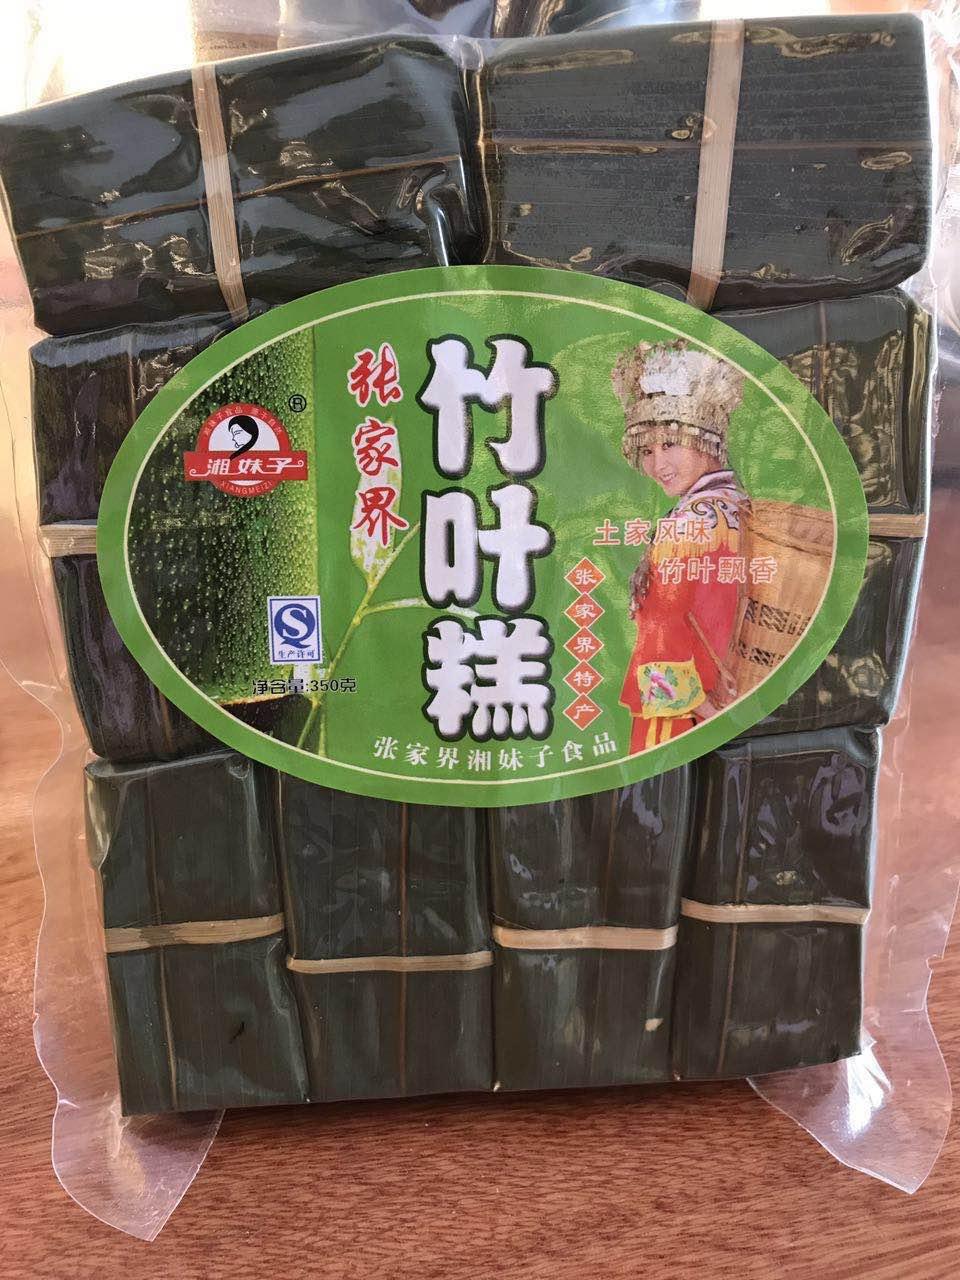 湖南湘西张家界特产湘妹子竹叶糕传统糕点 休闲小吃 切糕年糕